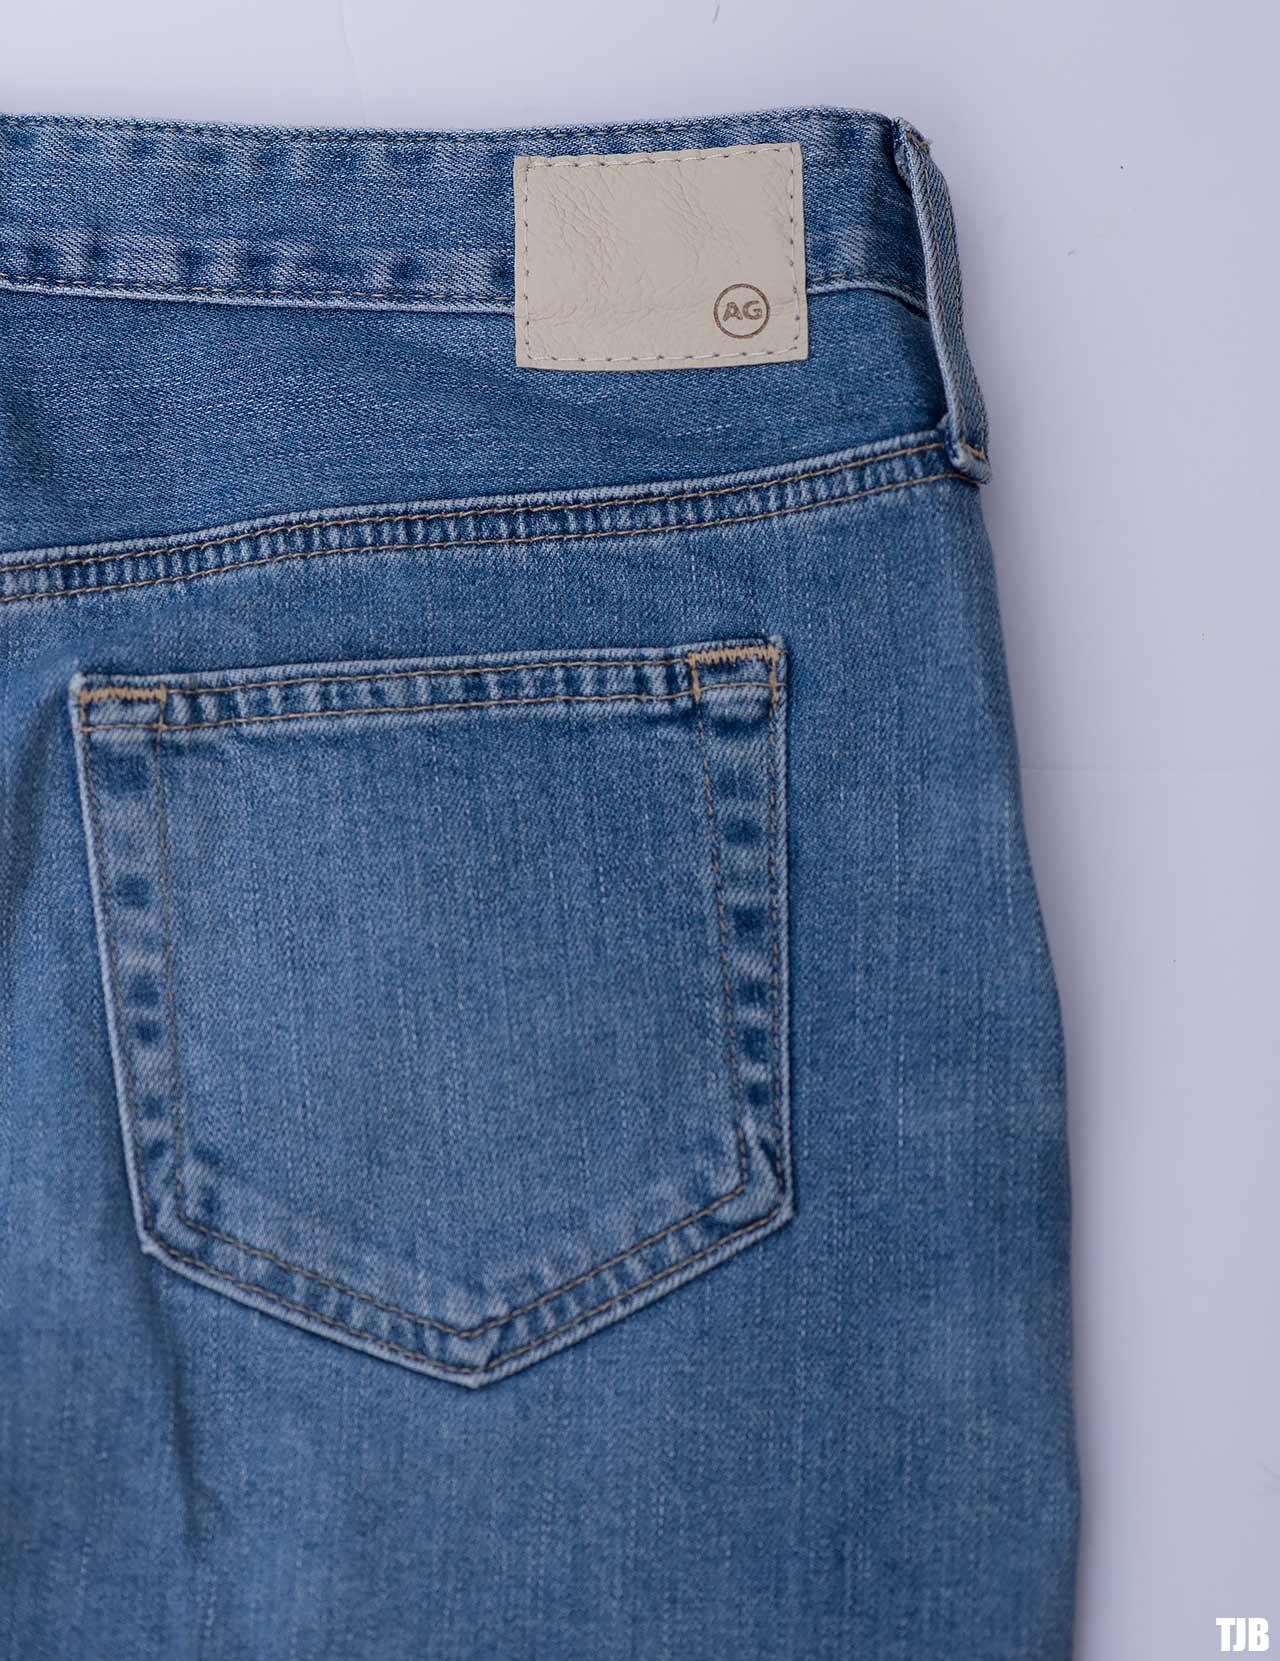 AG-sandy-mini-denim-skirt-review-2